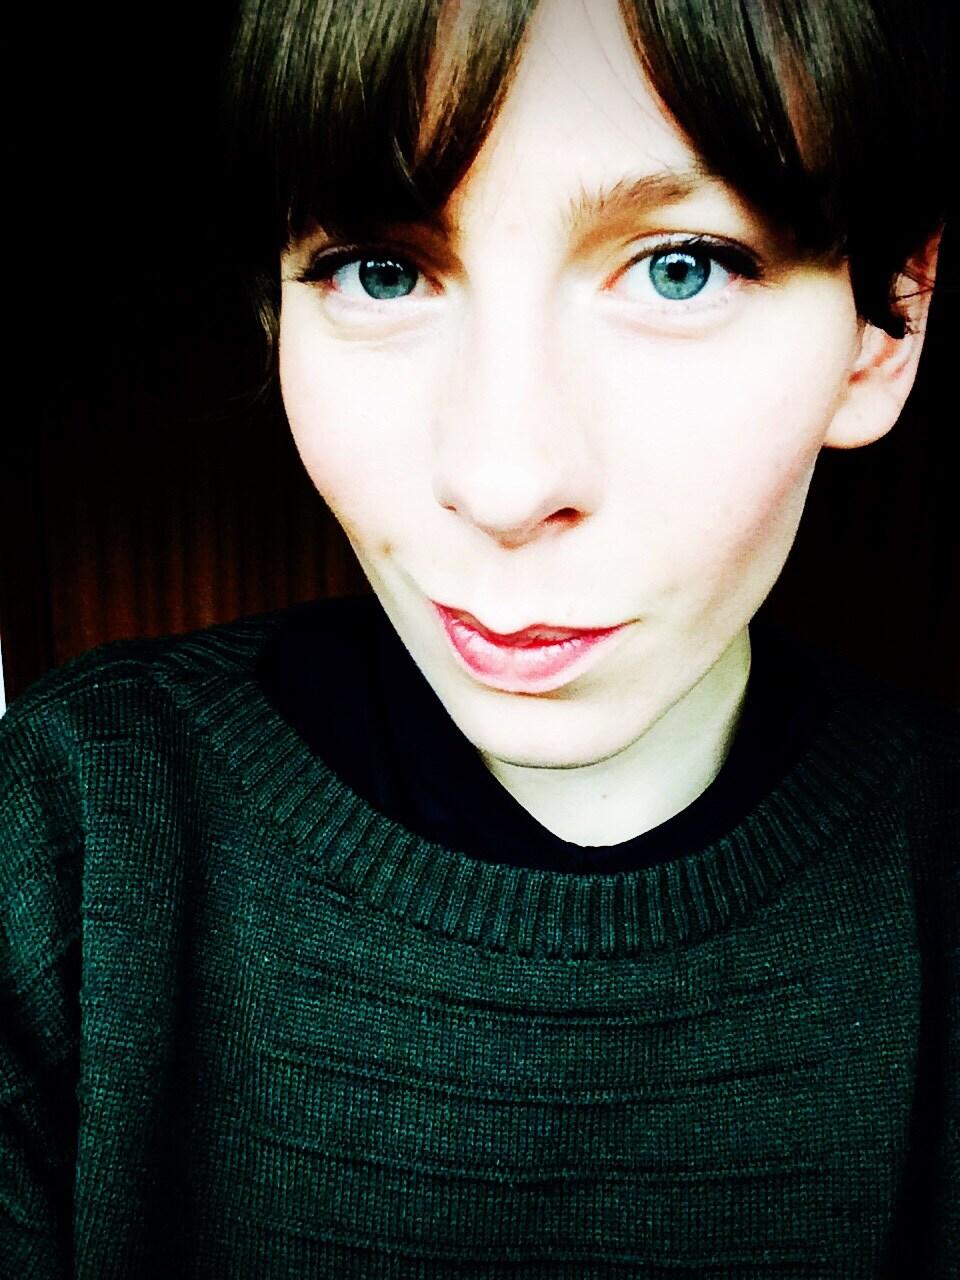 Lisa Malou from Utrecht